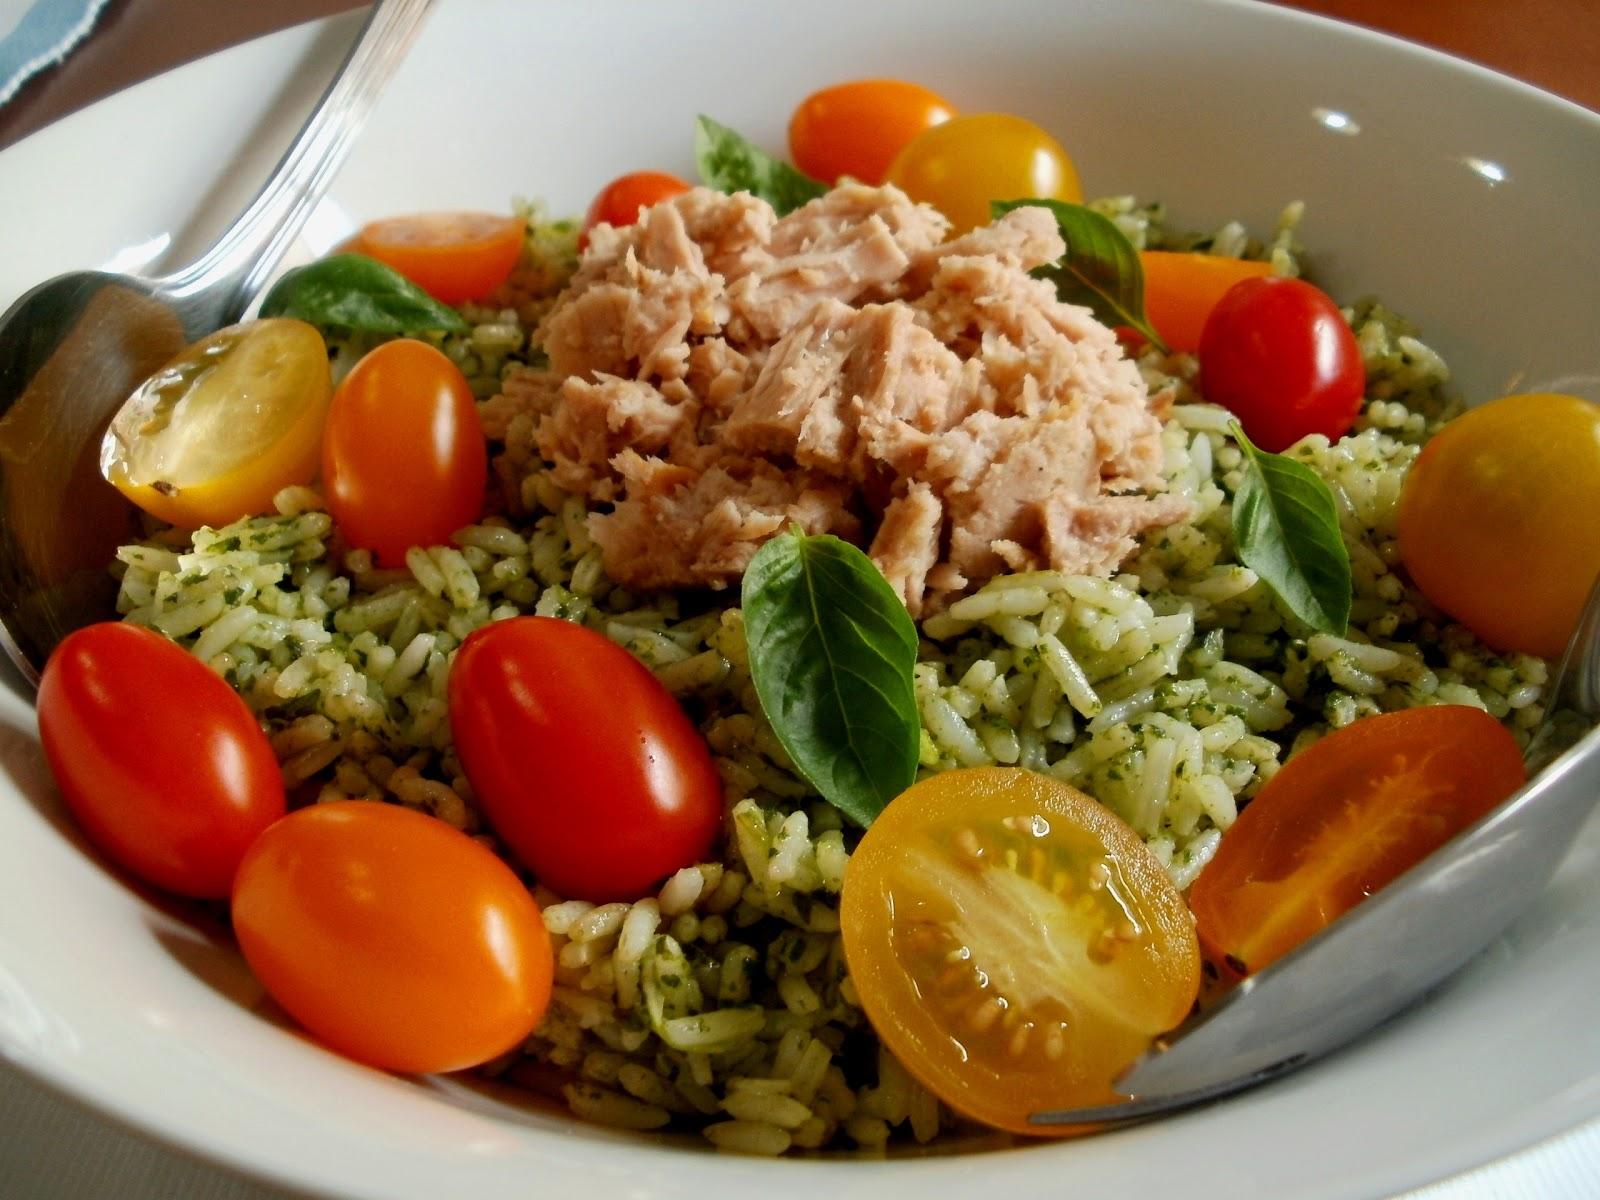 Los antojos de clara ensalada de arroz con albahaca at n - Ensalada de arroz y atun ...